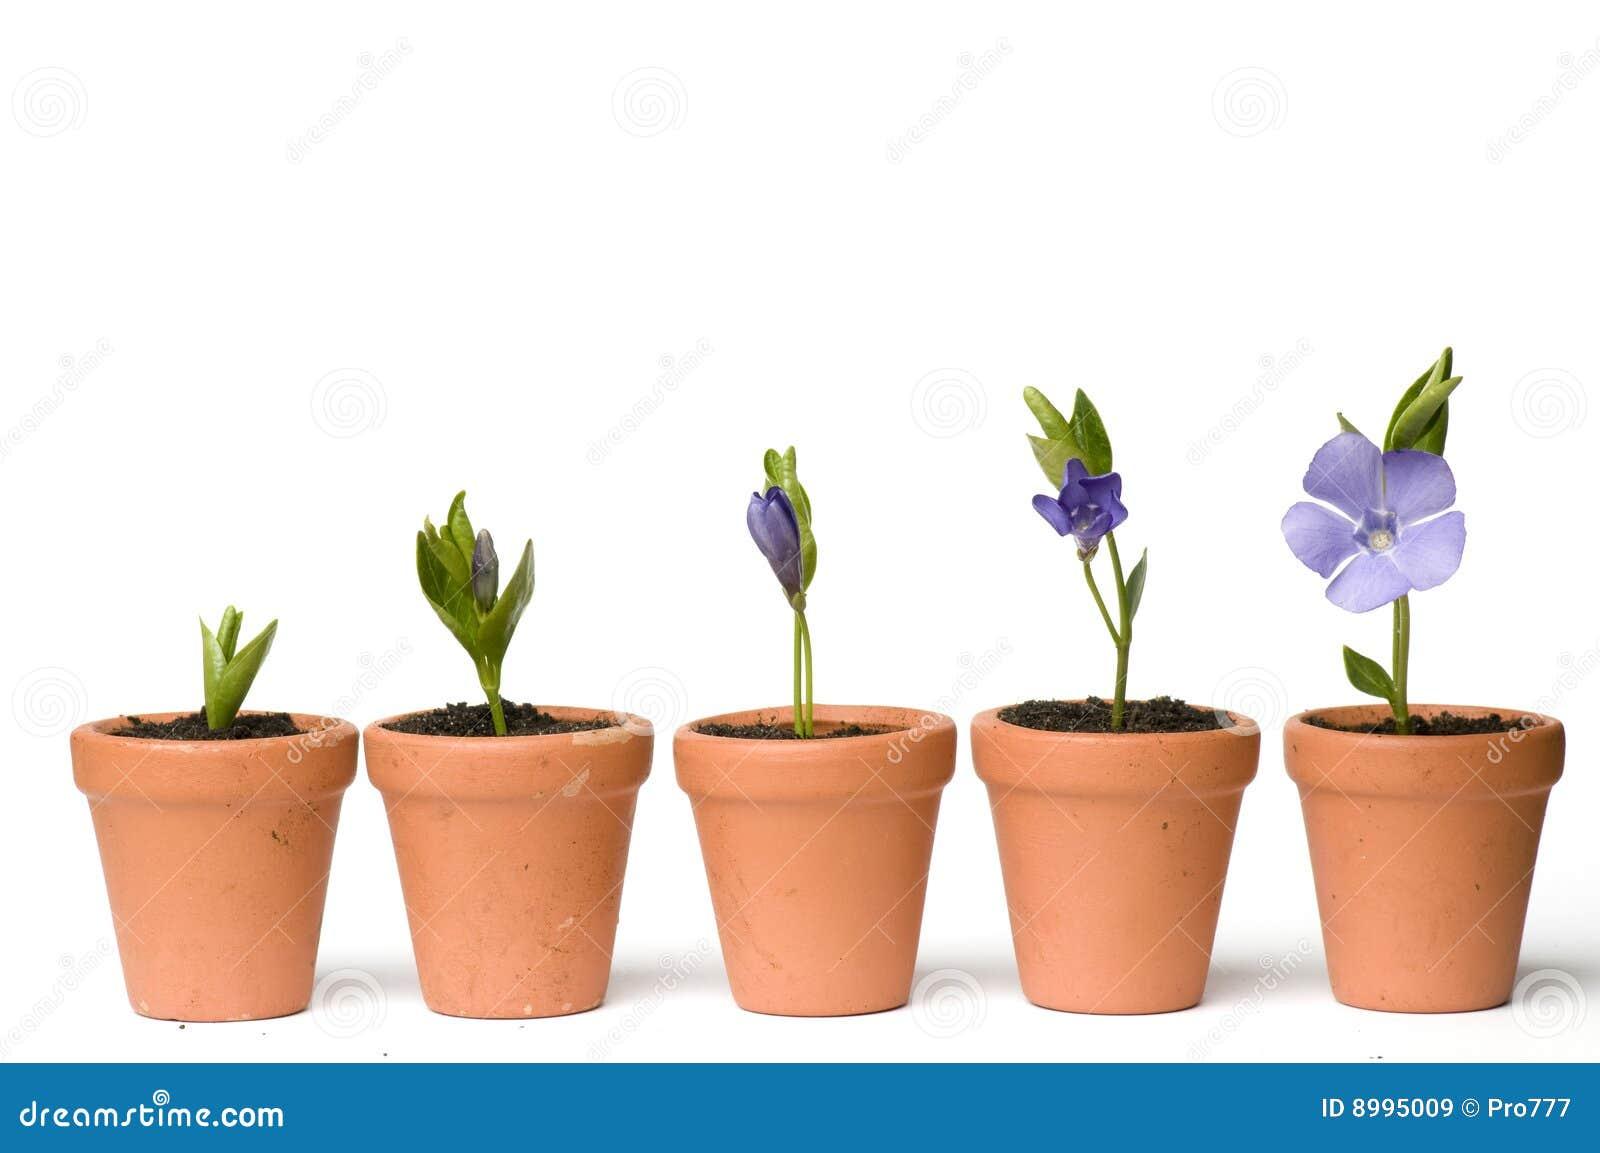 De ontwikkeling van de bloem royalty vrije stock afbeeldingen afbeelding 8995009 - Ontwikkeling m ...